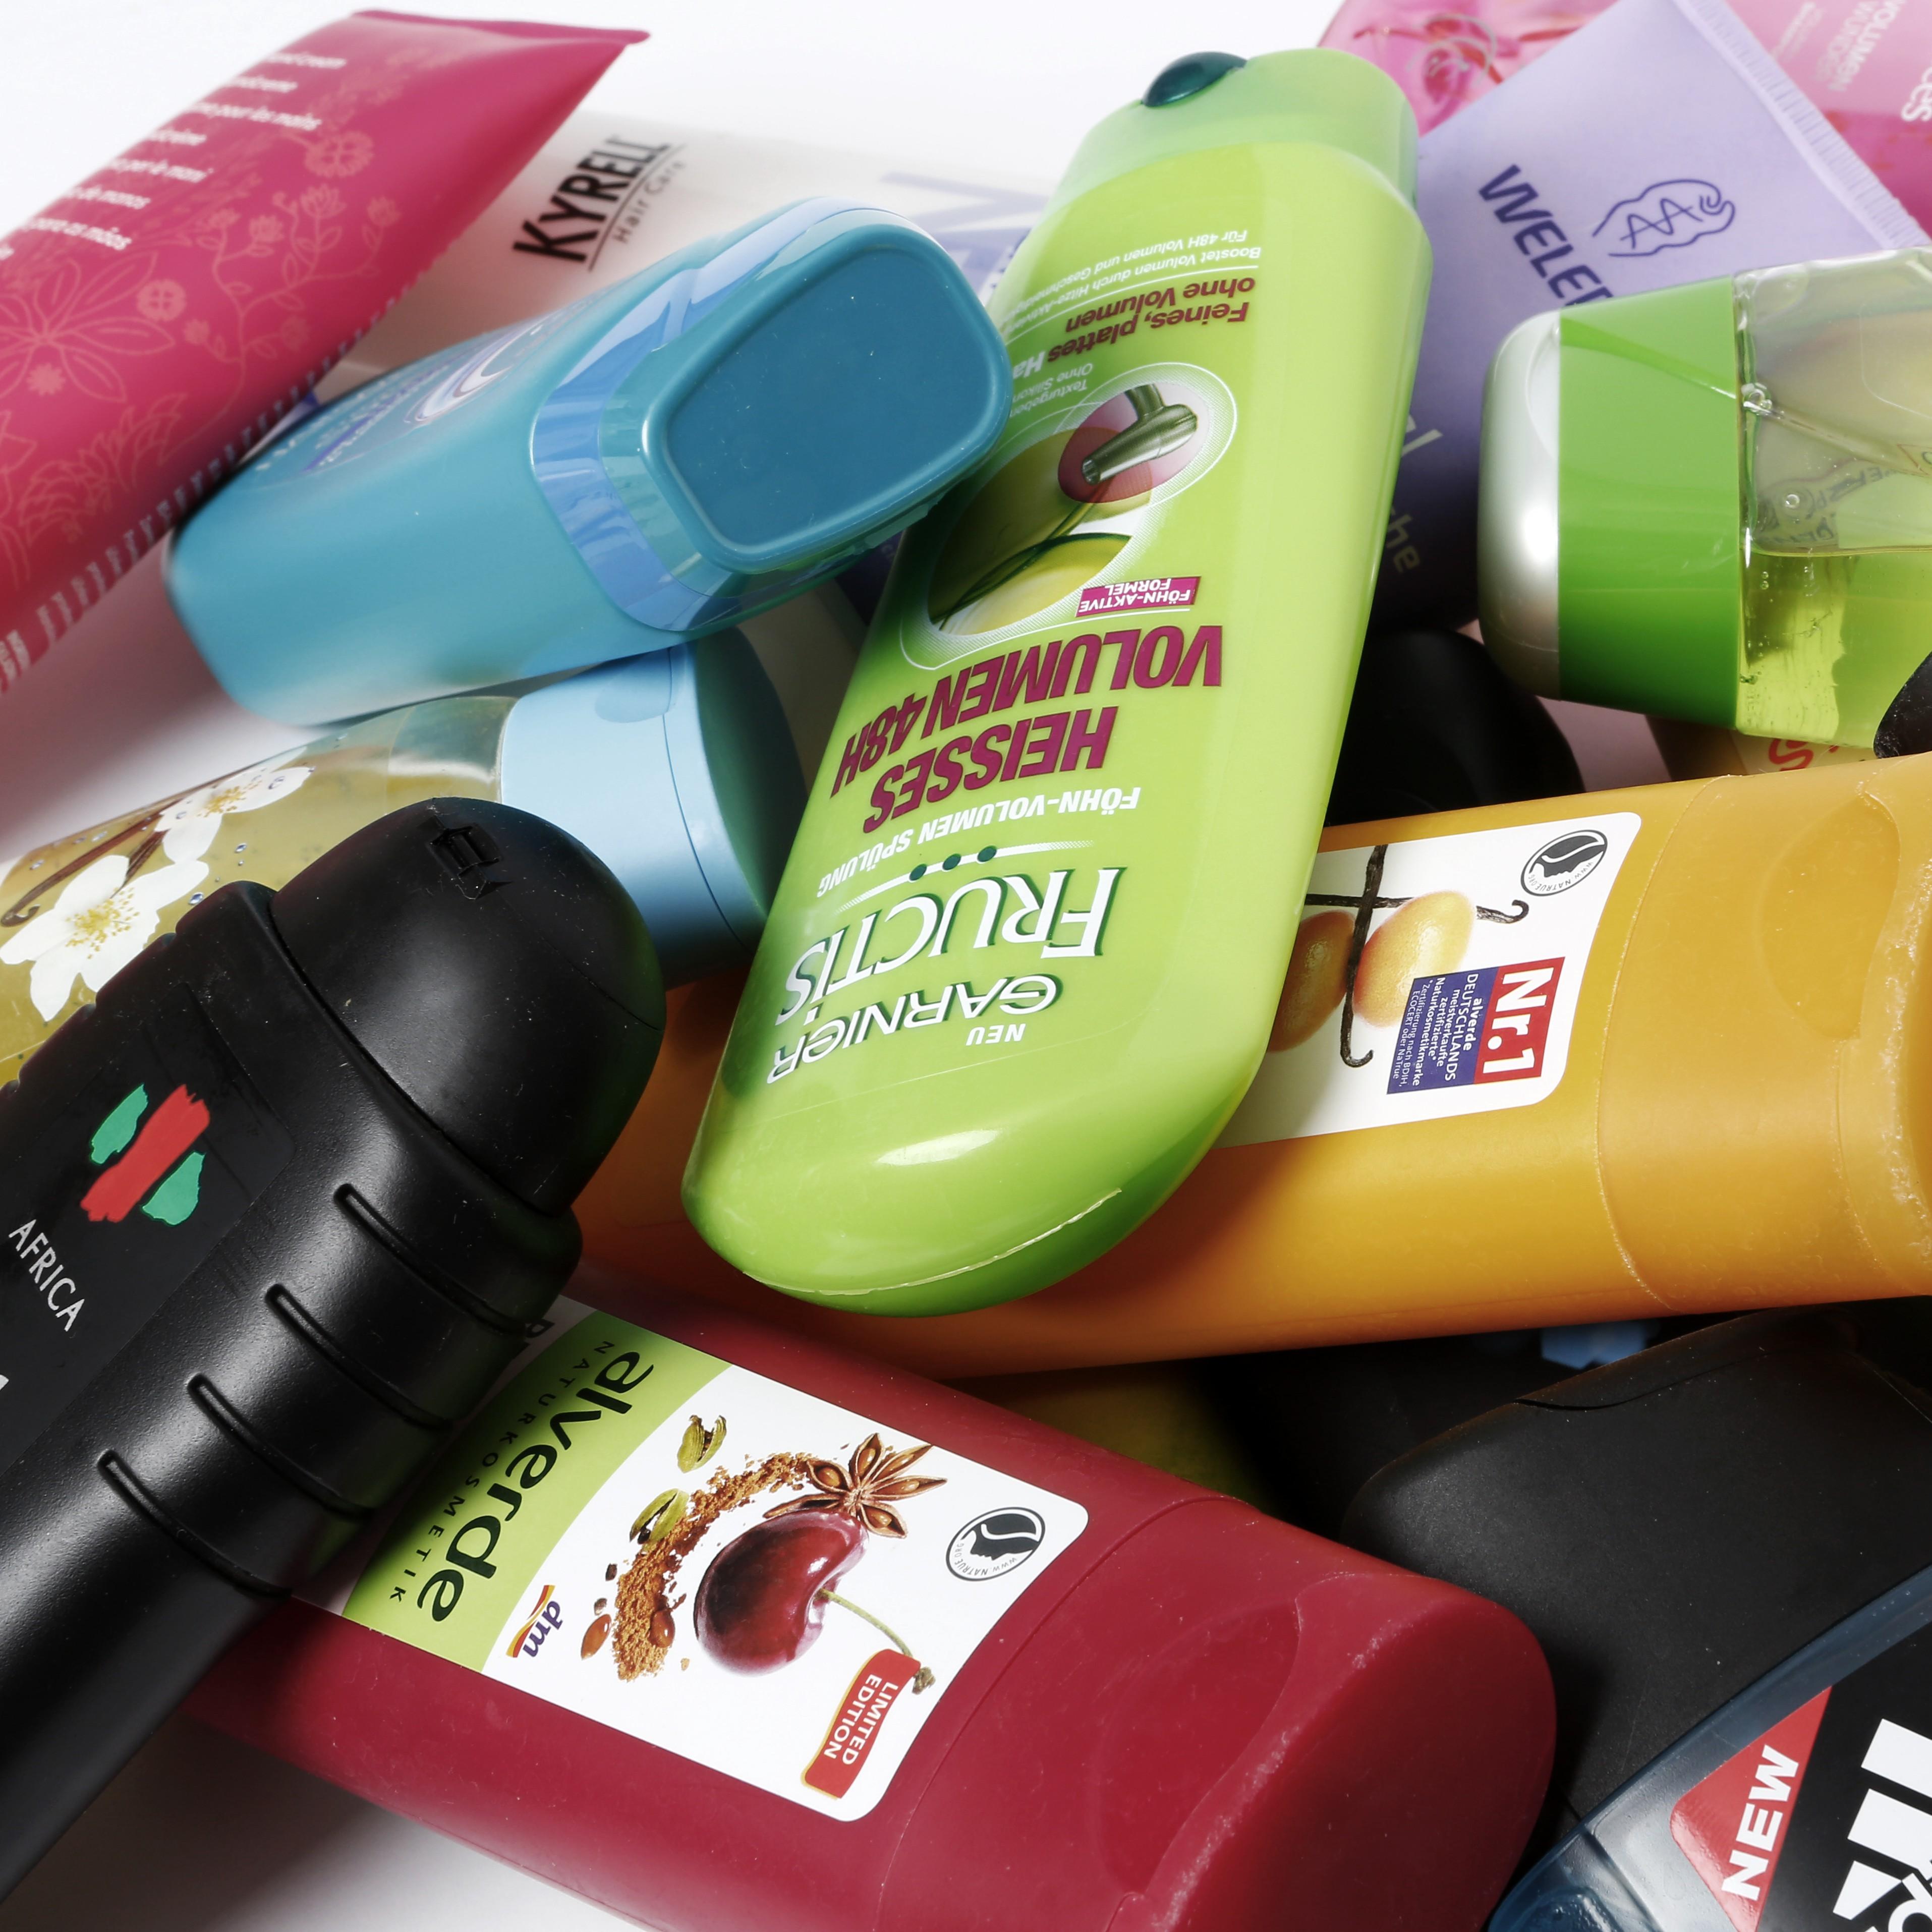 In Kosmetik kann sich Plastik verstecken (c) Tim Reckman/Pixelio